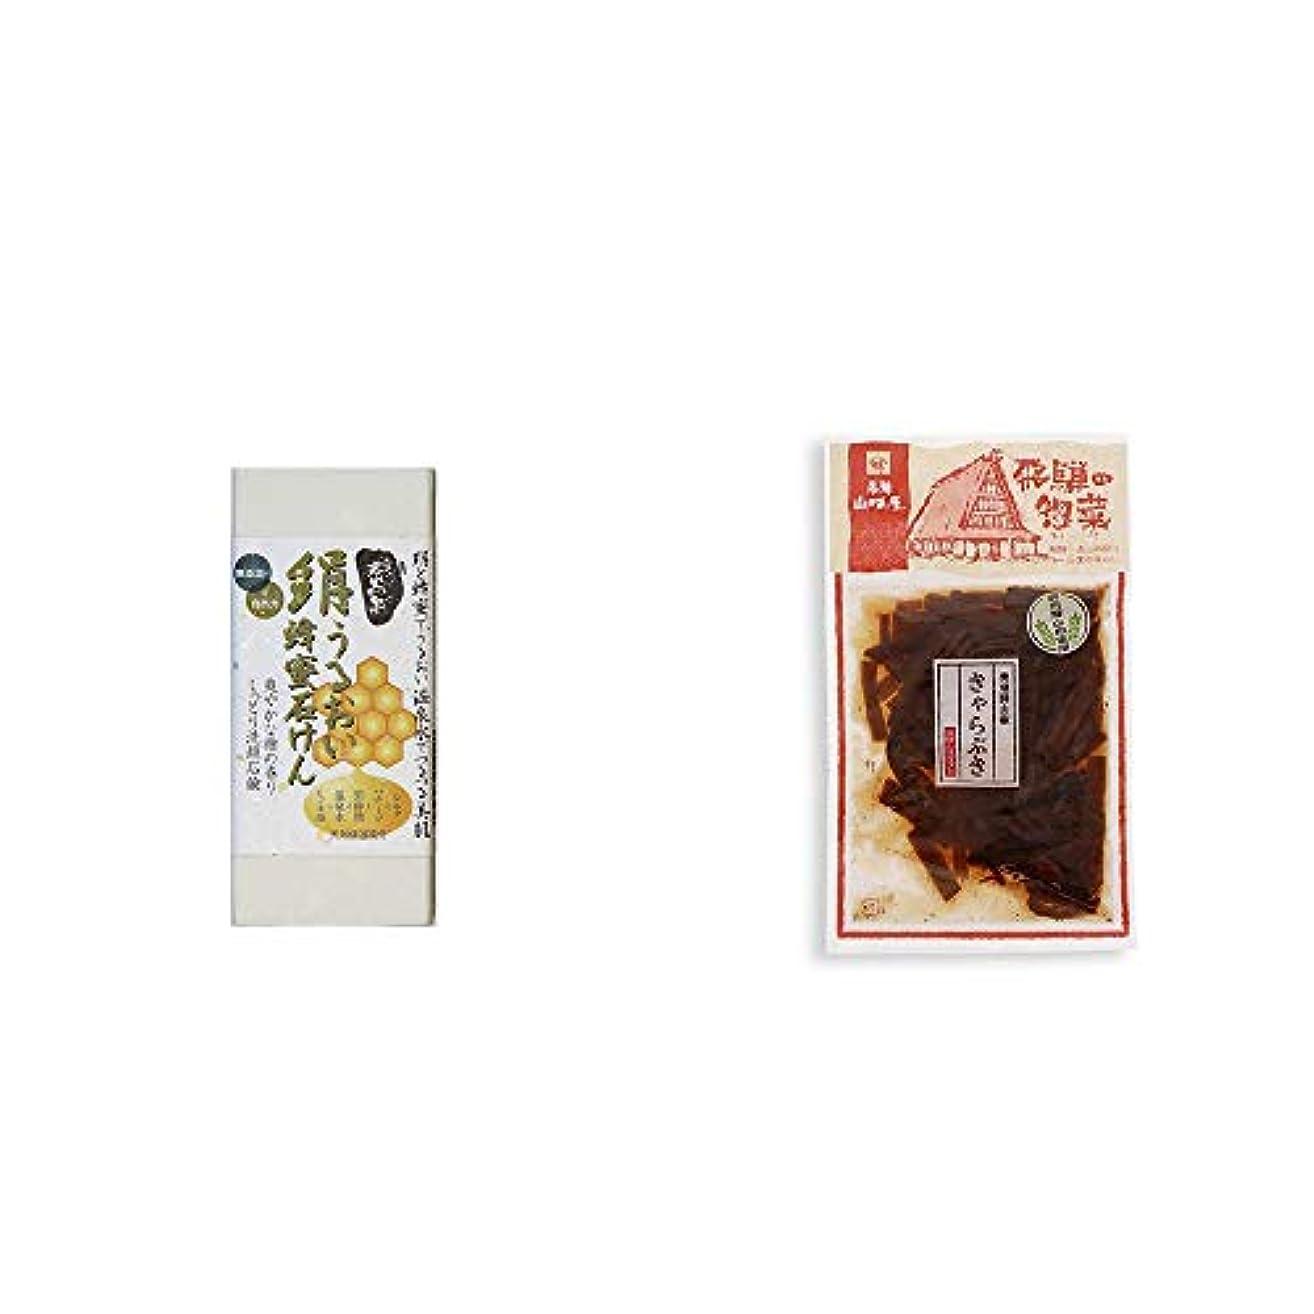 贅沢な故障ライセンス[2点セット] ひのき炭黒泉 絹うるおい蜂蜜石けん(75g×2)?飛騨山味屋 奥飛騨山椒きゃらぶき(120g)